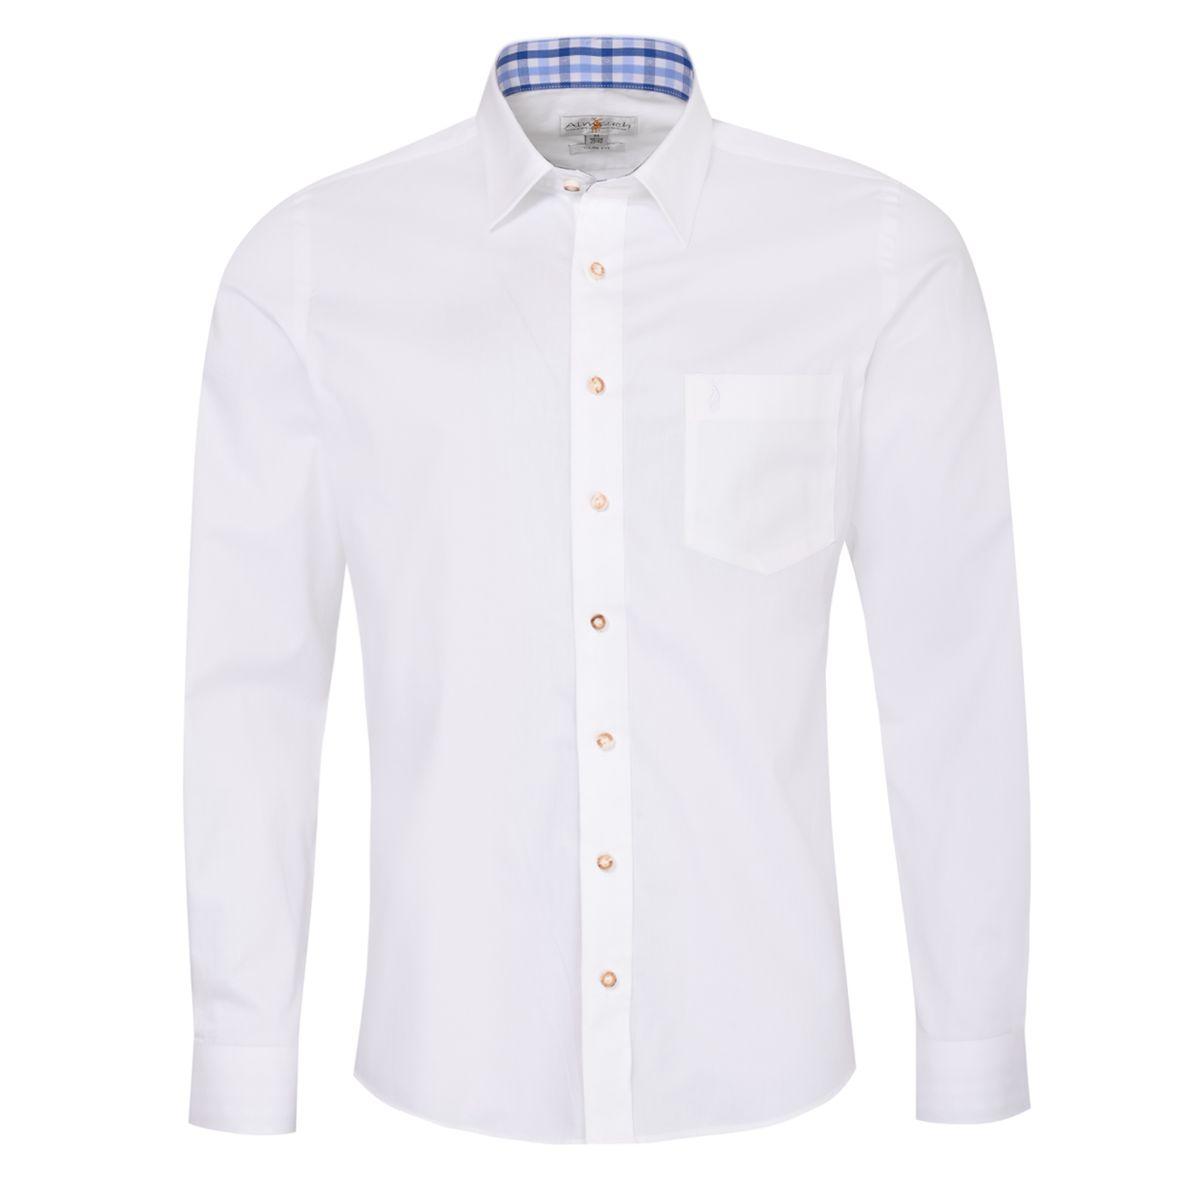 Trachtenhemd Emil Slim Fit zweifarbig in Weiß und Blau von Almsach günstig online kaufen